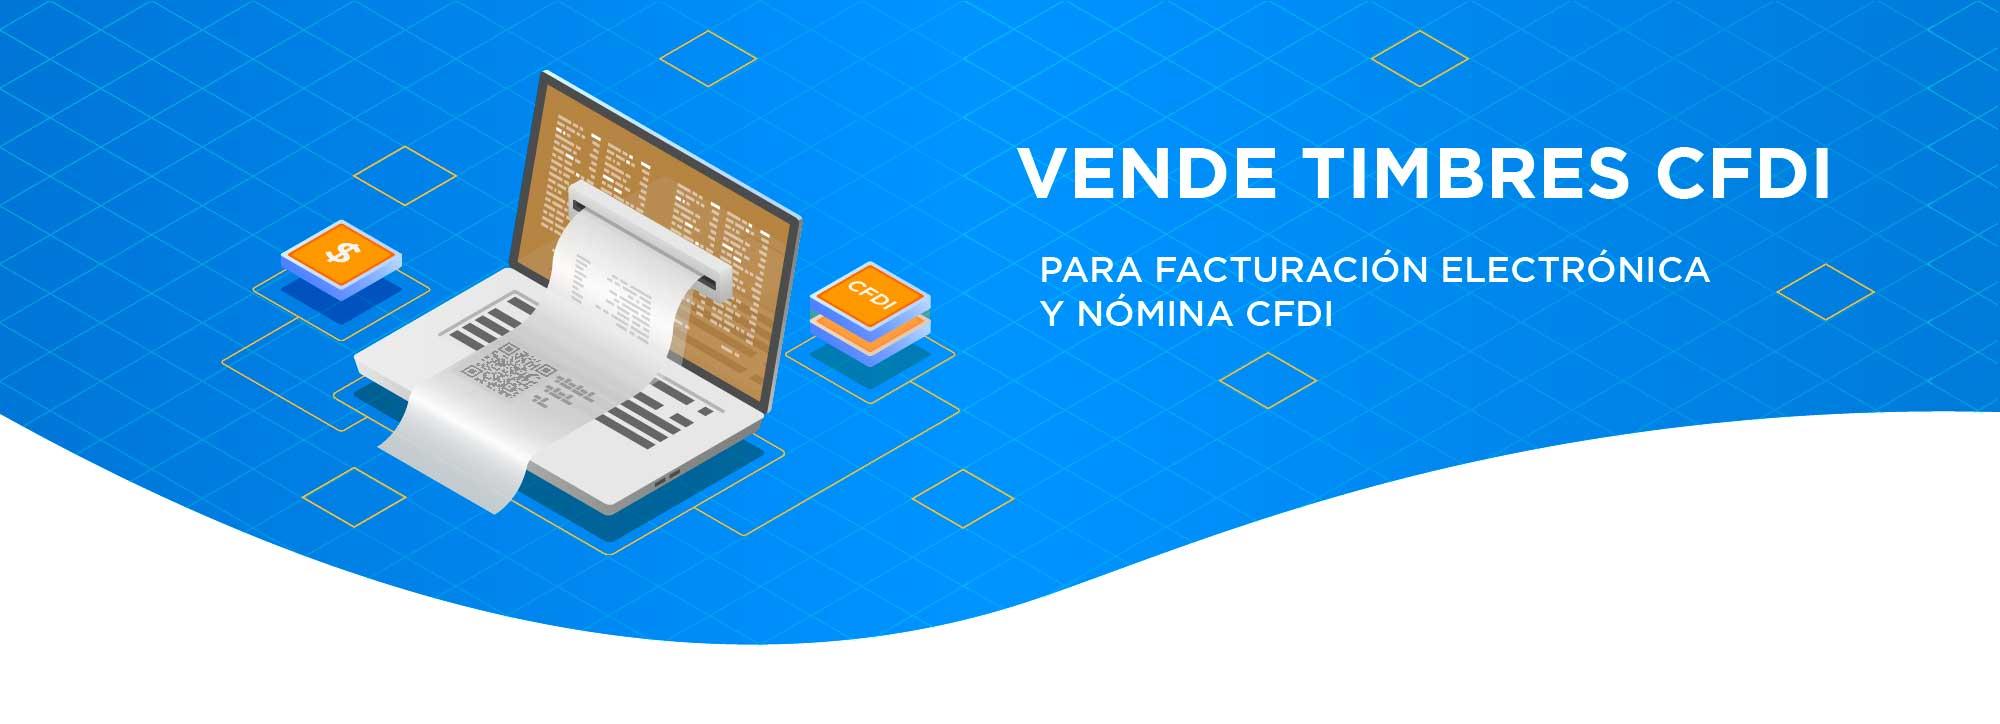 Haz negocio vendiendo timbres CFDI, Recibe la comisión adicional del 10% en tiempo aire al vender este producto.